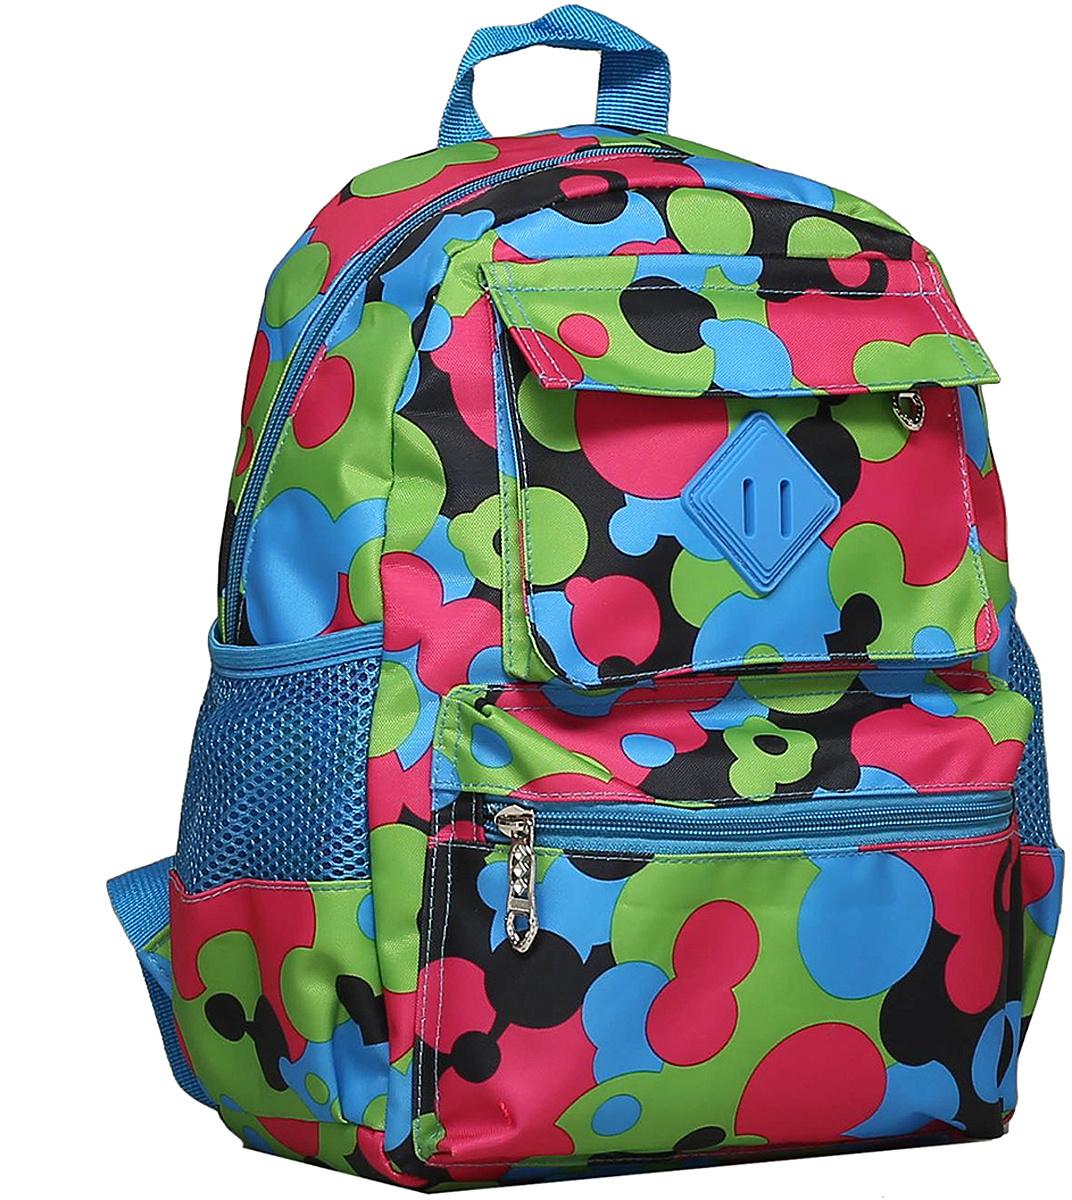 519a23c2ecf2 Рюкзак детский Дизайн цвет зеленый розовый 1675387 — купить в интернет-магазине  OZON.ru с быстрой доставкой